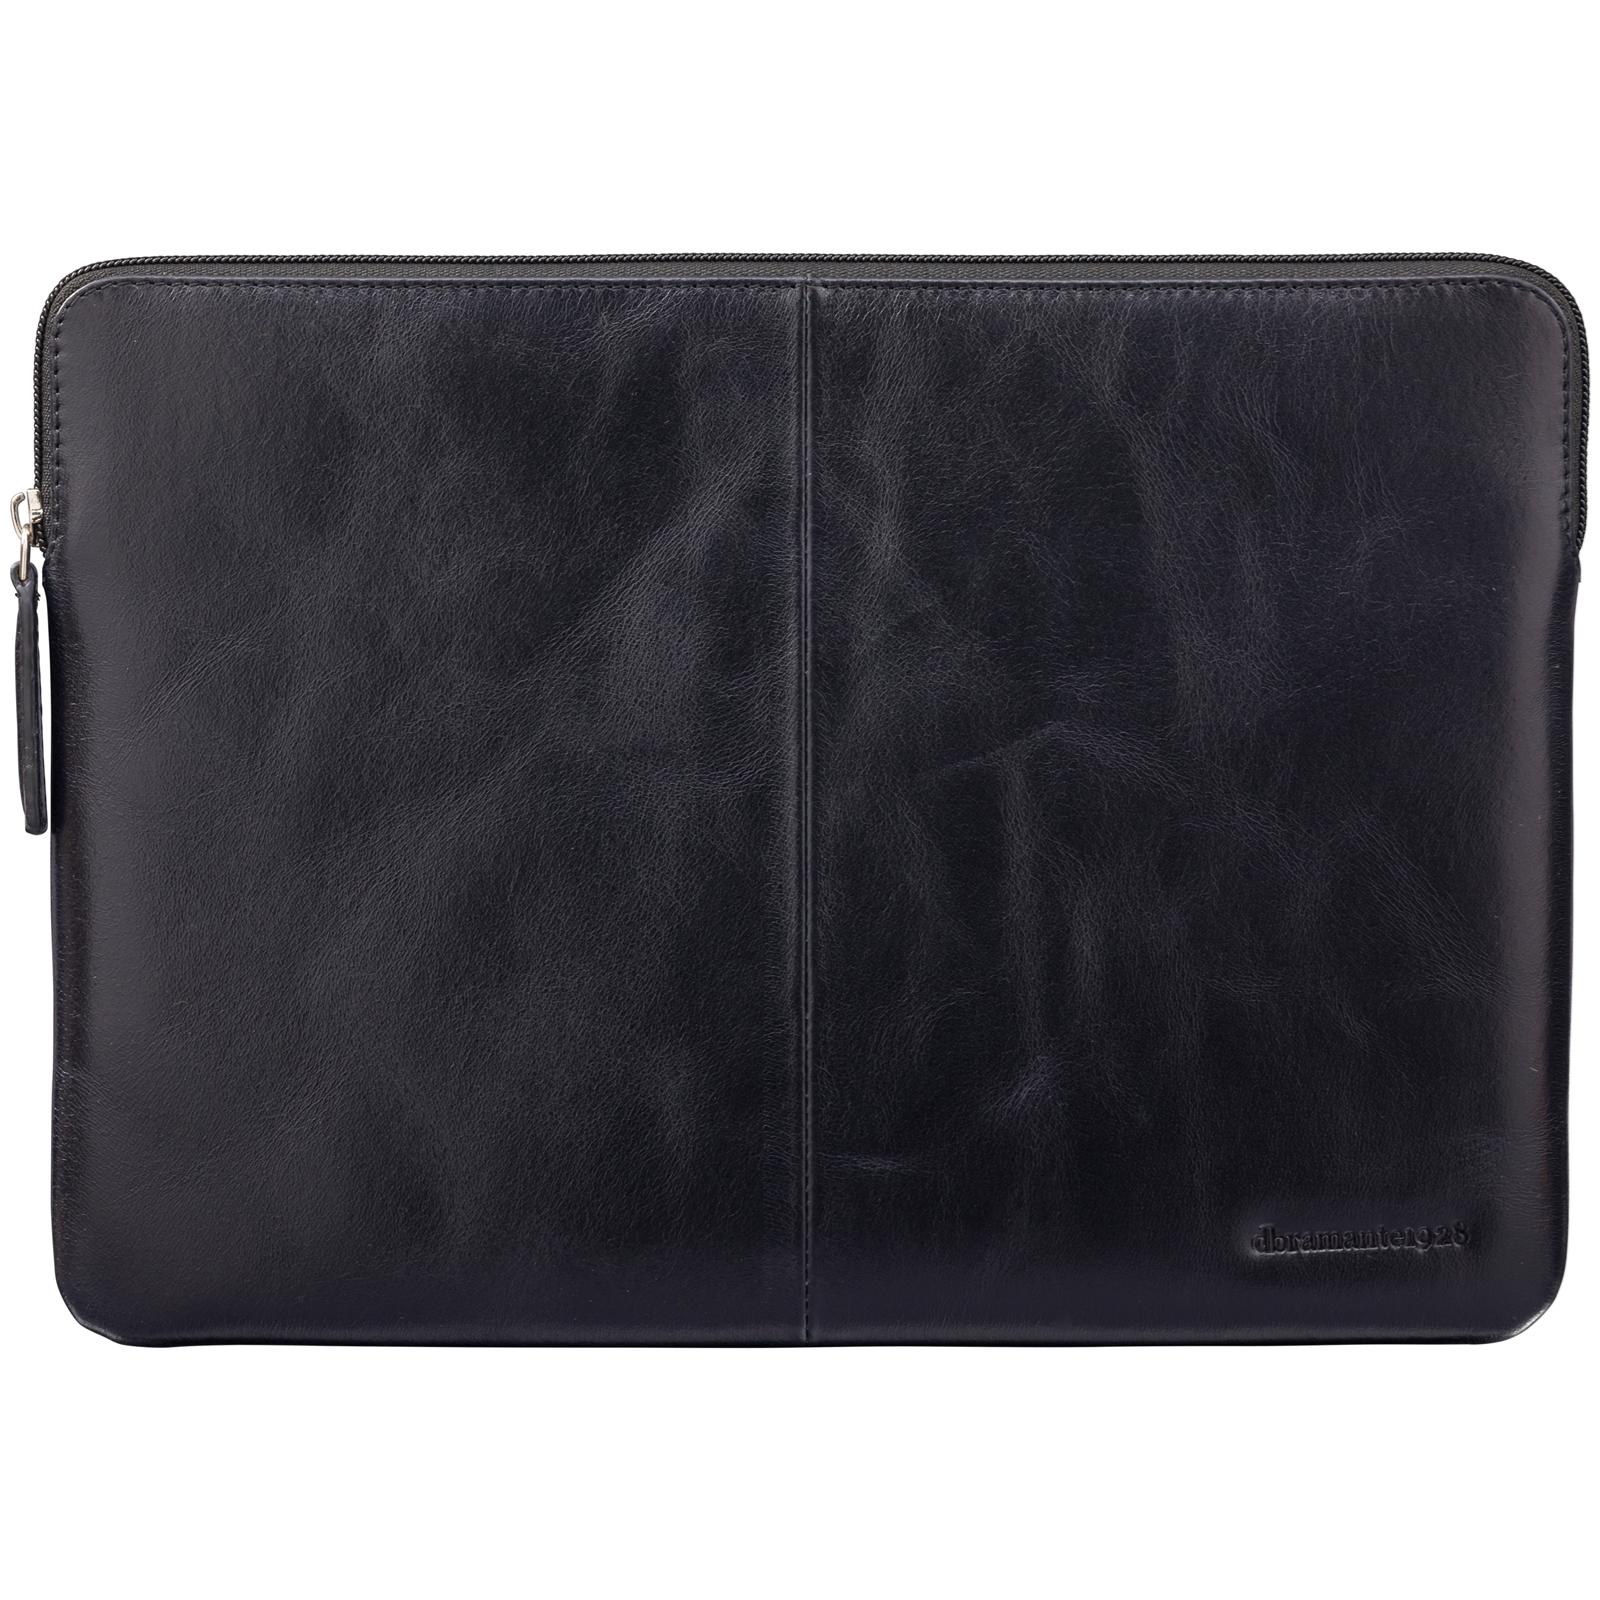 Dbramante1928 13'' MacBook Pro/Air Case Skagen Pro, Black